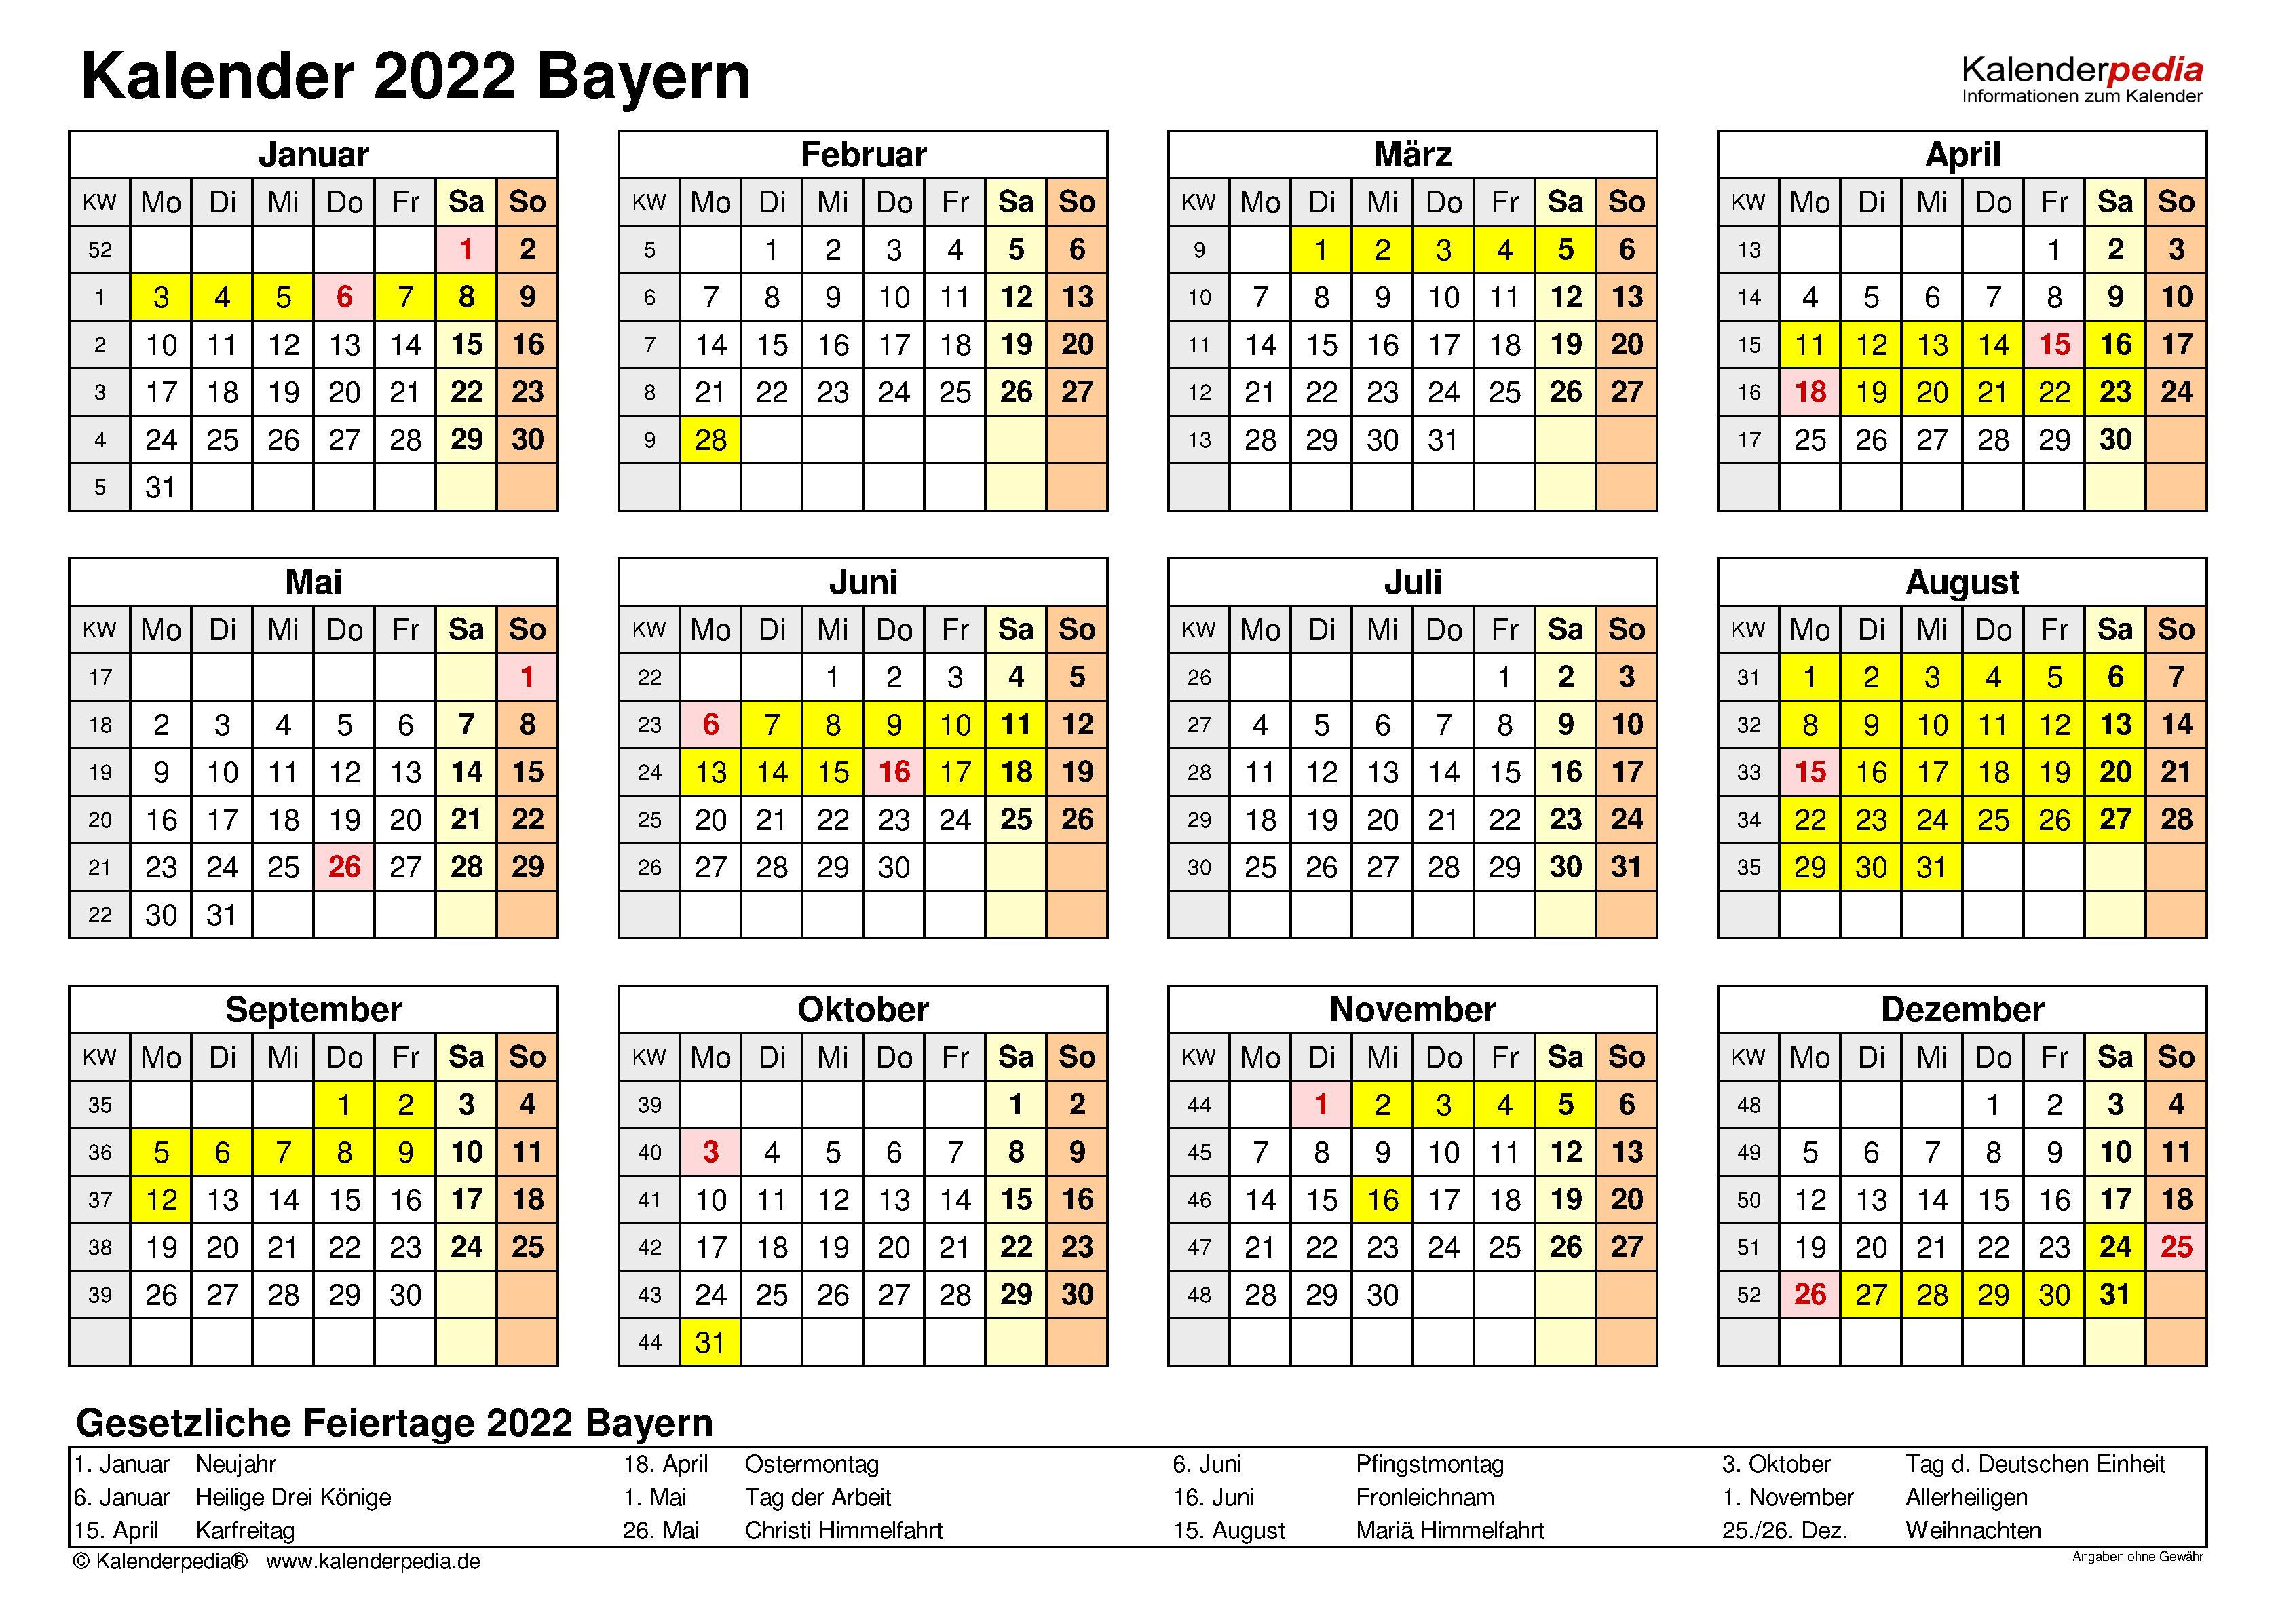 Kalender 2022 Bayern: Ferien, Feiertage, Excel-Vorlagen